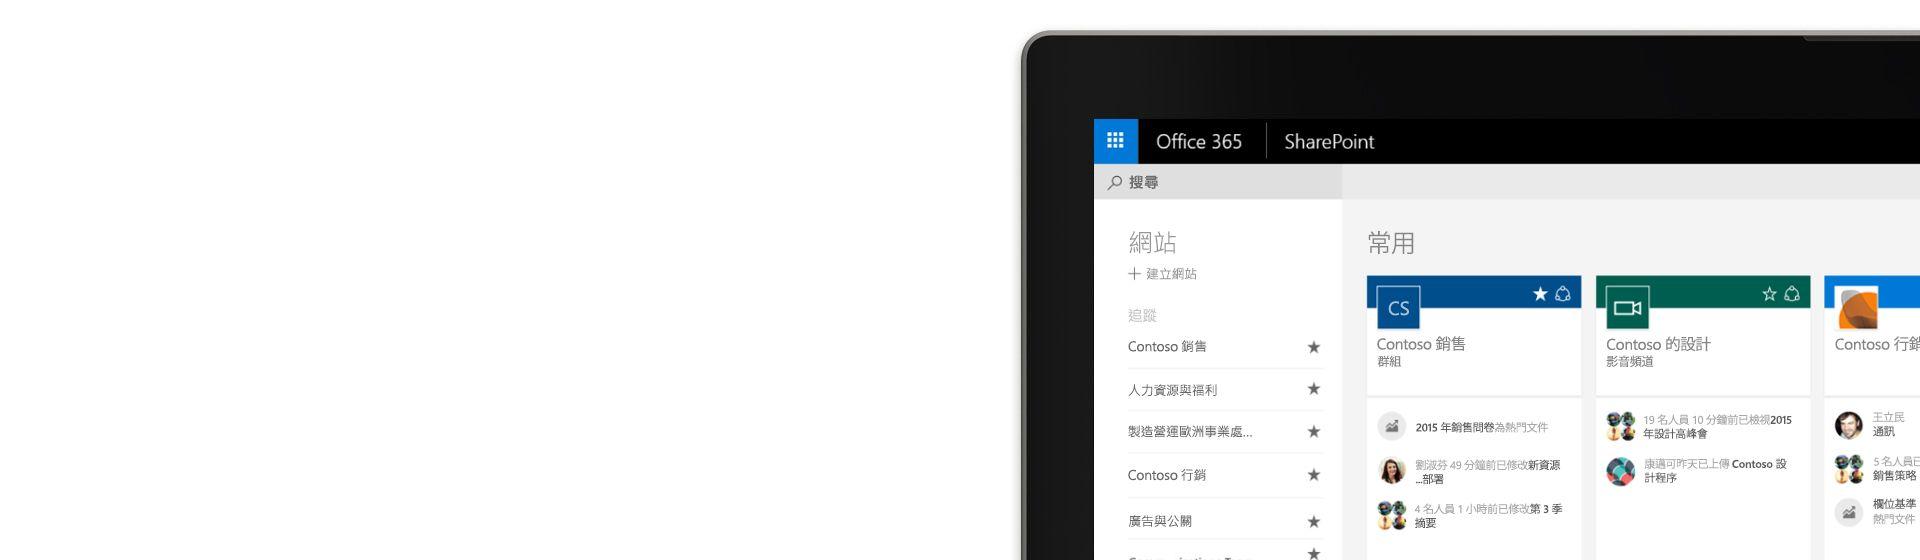 顯示 Contoso 專用的 Office 365 SharePoint 的膝上型電腦螢幕一角